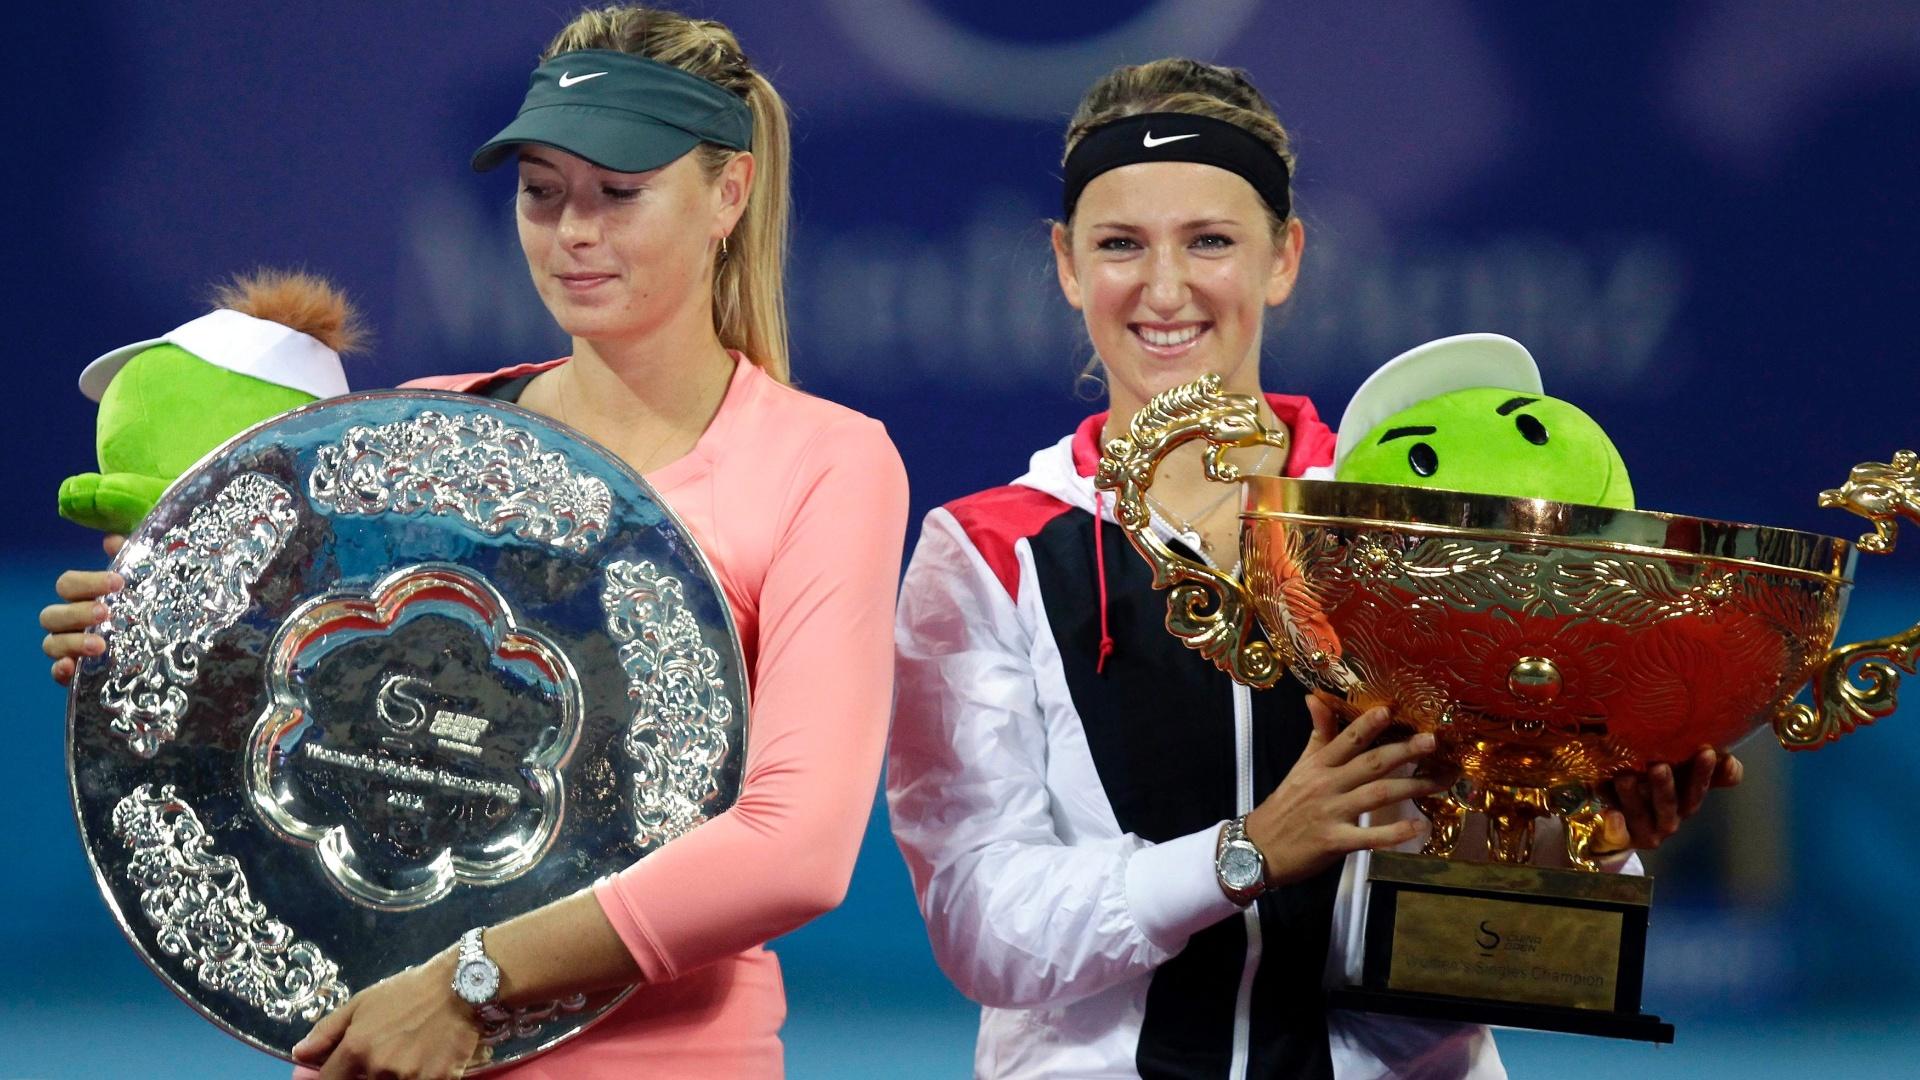 Número 1 do mundo, Victoria Azarenka (direita) bateu a russa Maria Sharapova, vice-líder, na final do WTA de Pequim